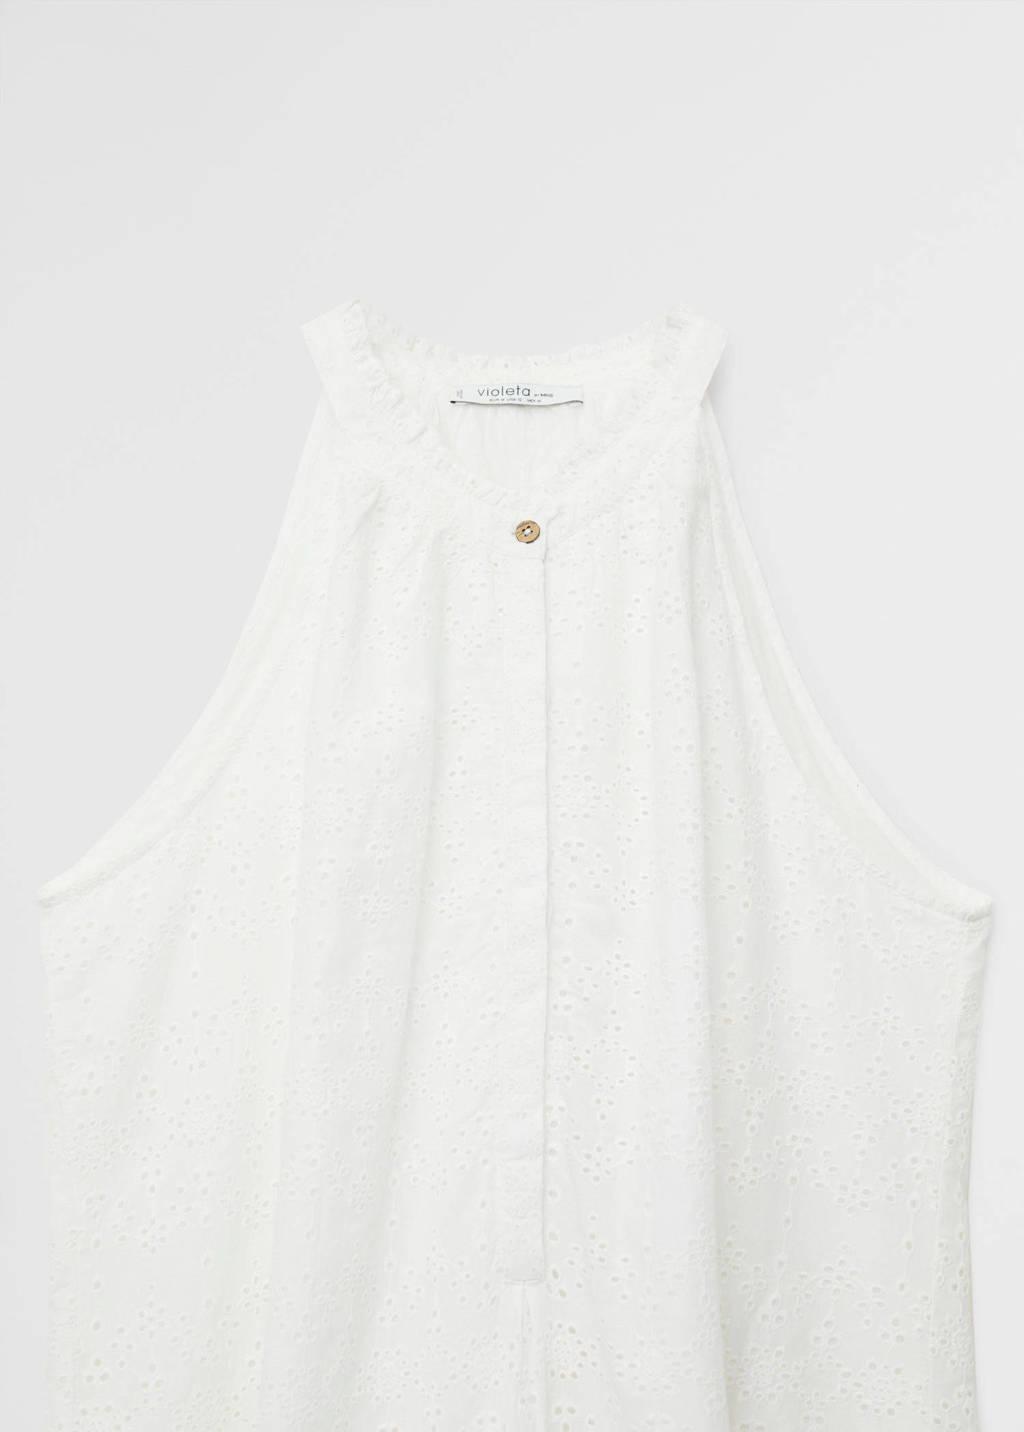 Violeta by Mango halter jurk met borduursels wit, Wit